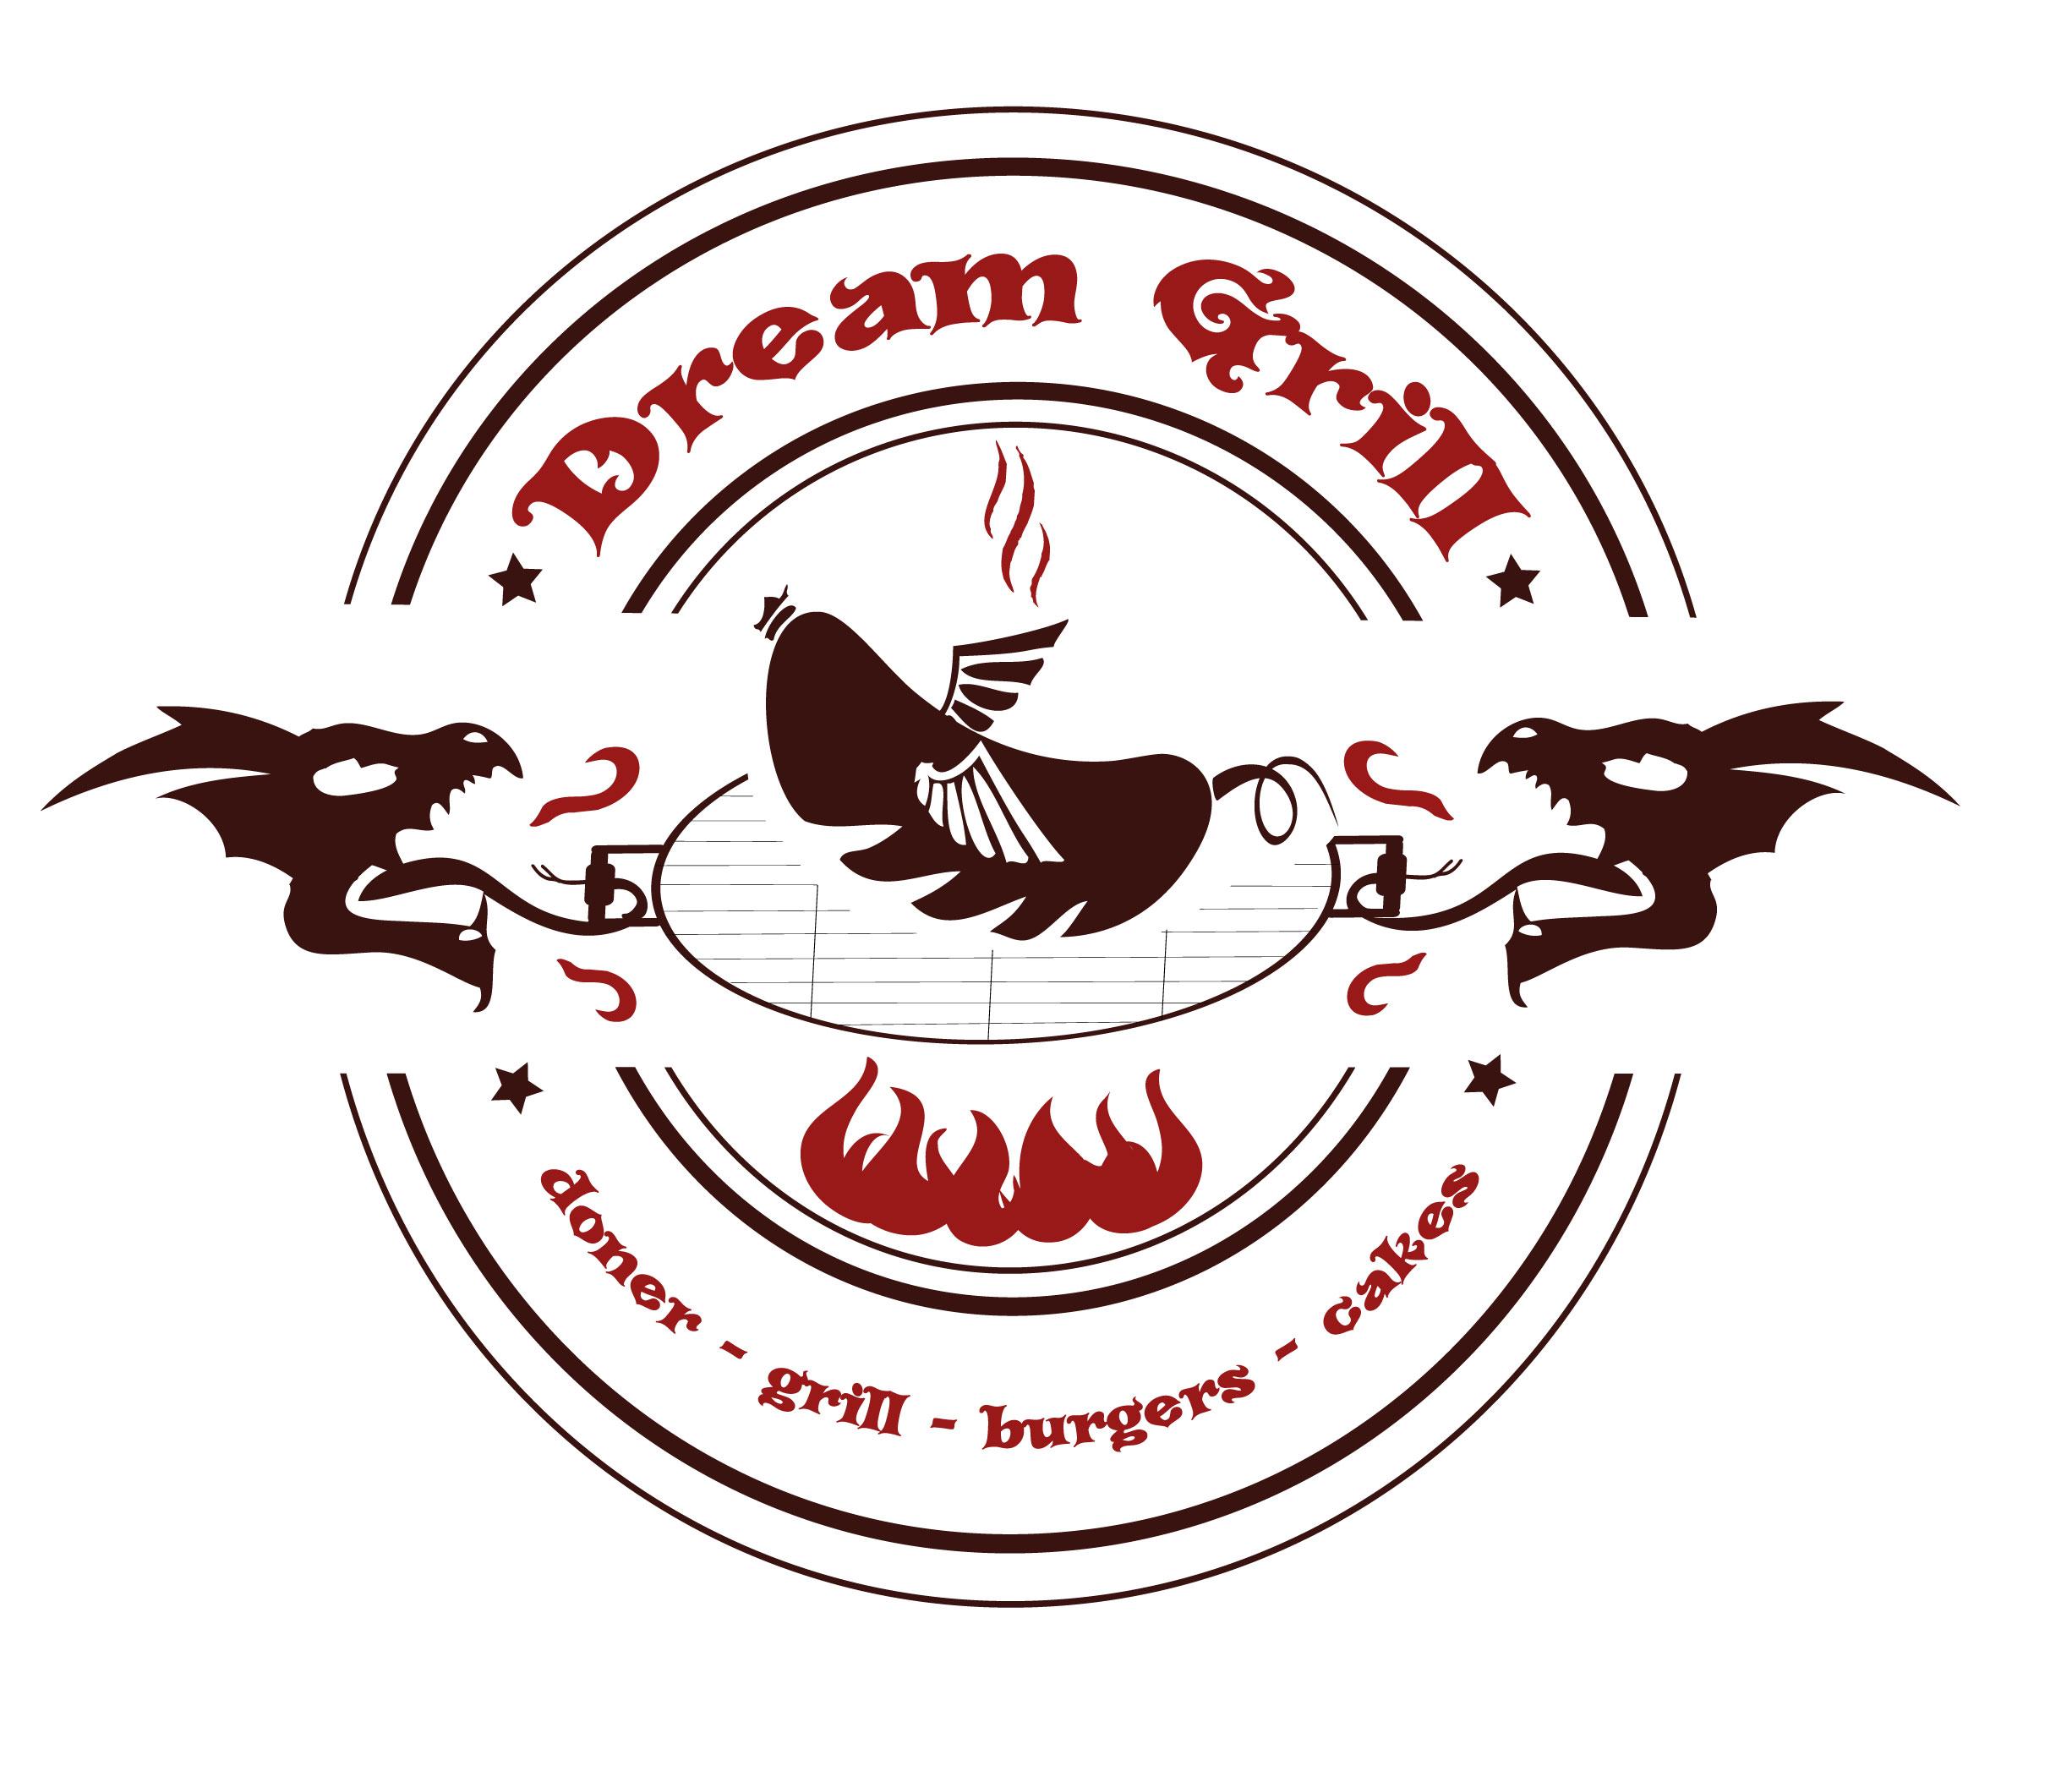 Разработка логотипа для фастфуда фото f_9905555095015ea5.jpg